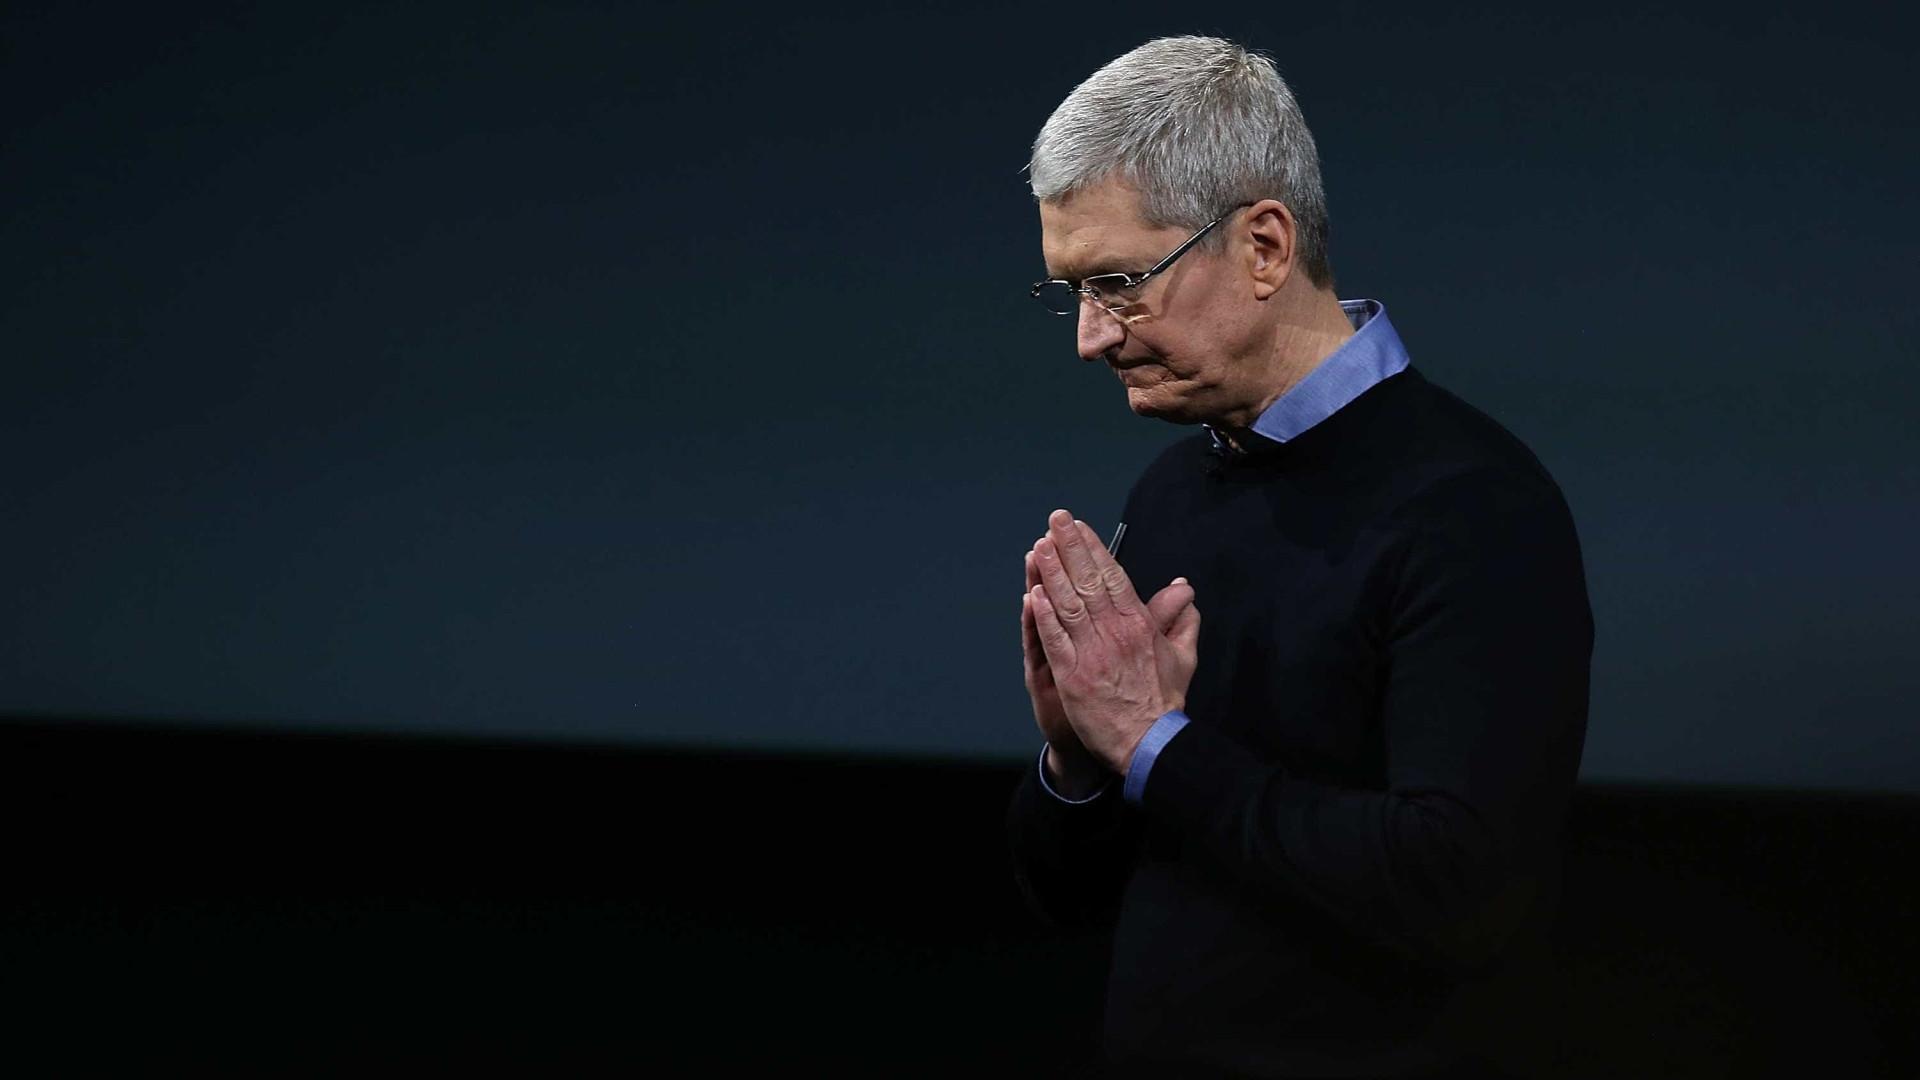 CEO da Apple 'reza' para acabar com o dinheiro antes de morrer